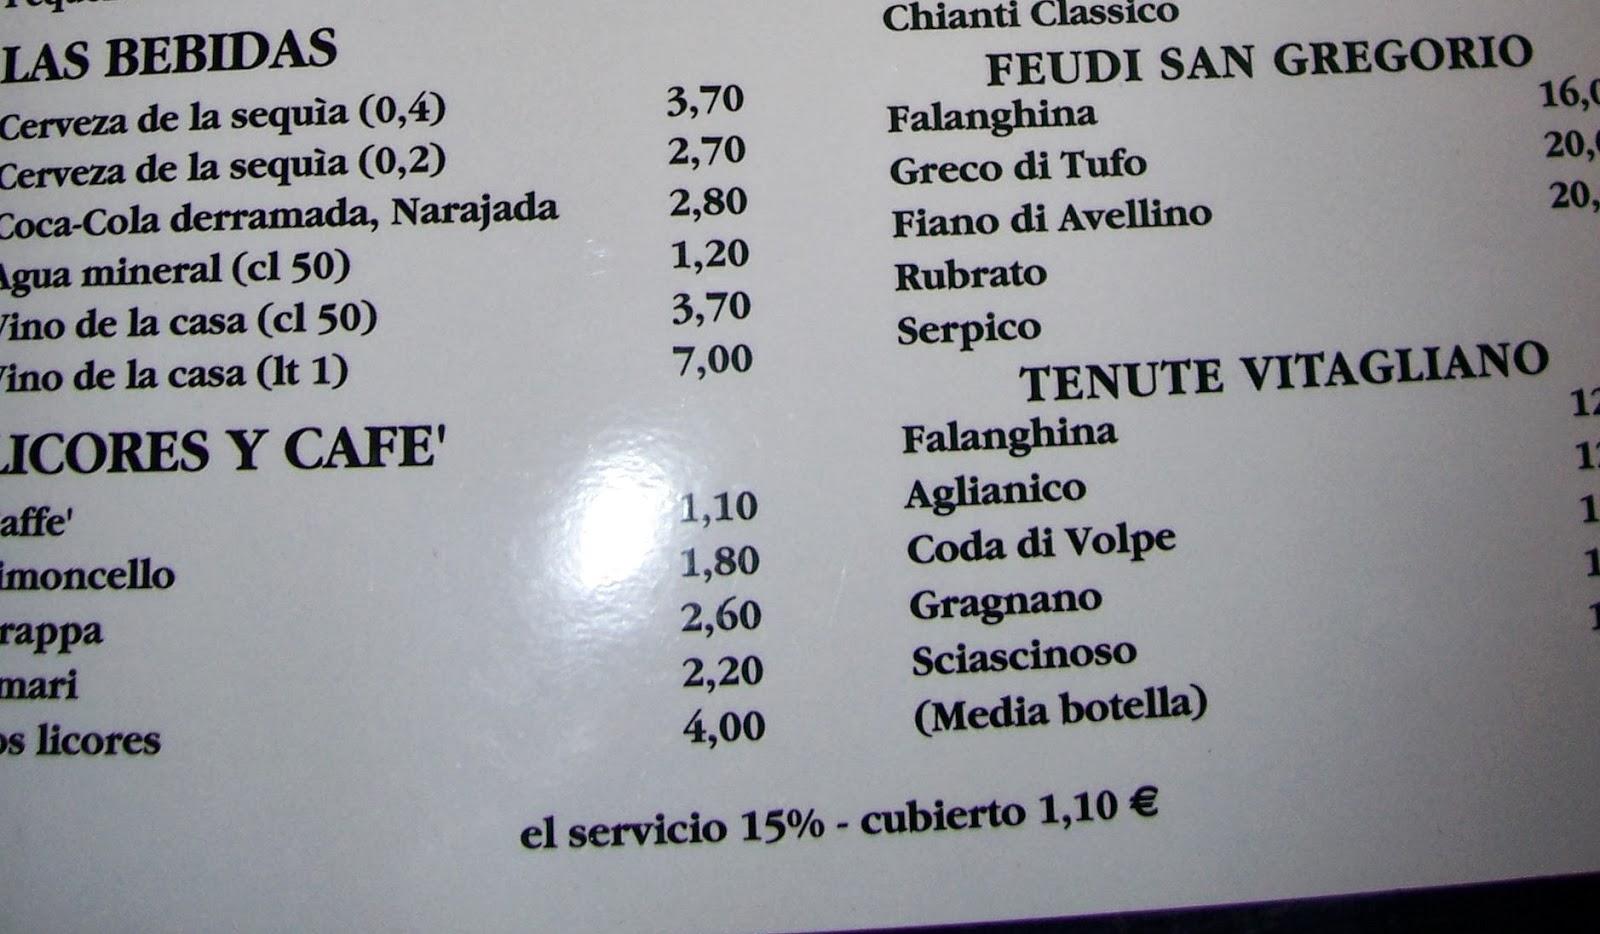 Traducir La Palabra Credenza : Españoles en italia spagnoli in blog bilingüe: diciembre 2013